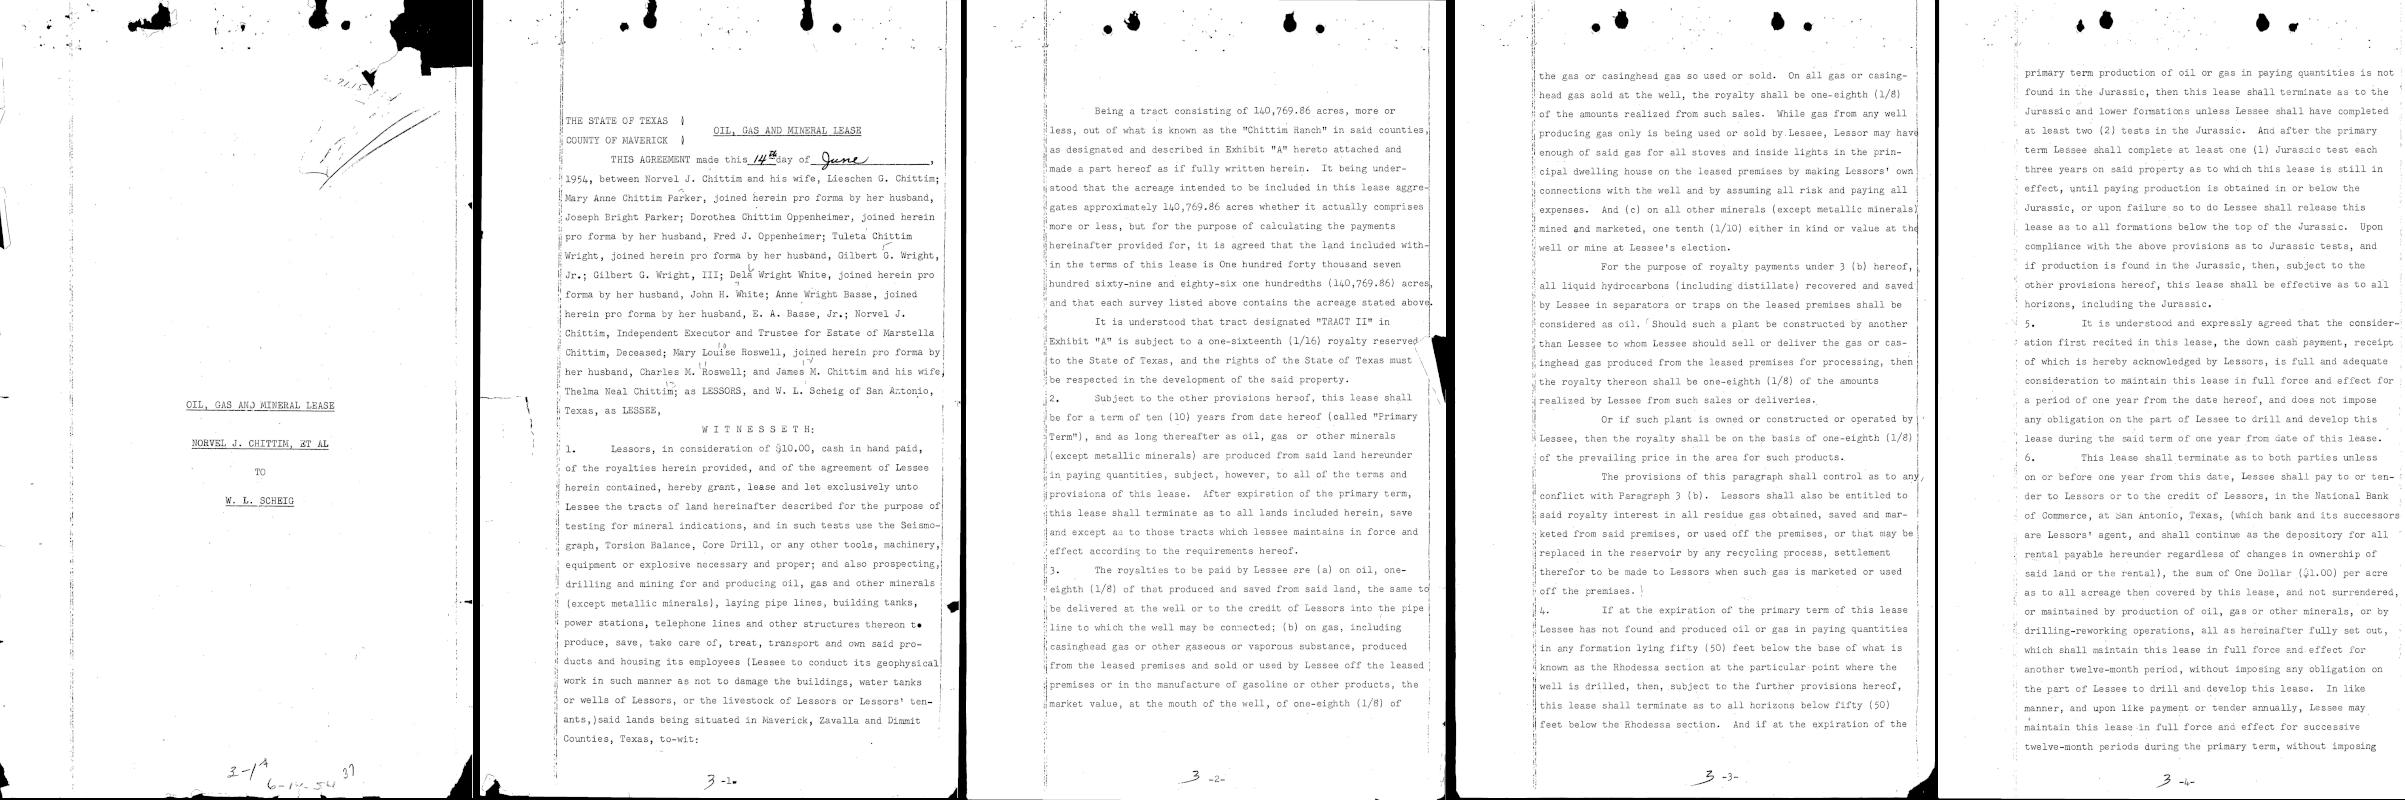 Las primeras cinco páginas de un archivo PDF